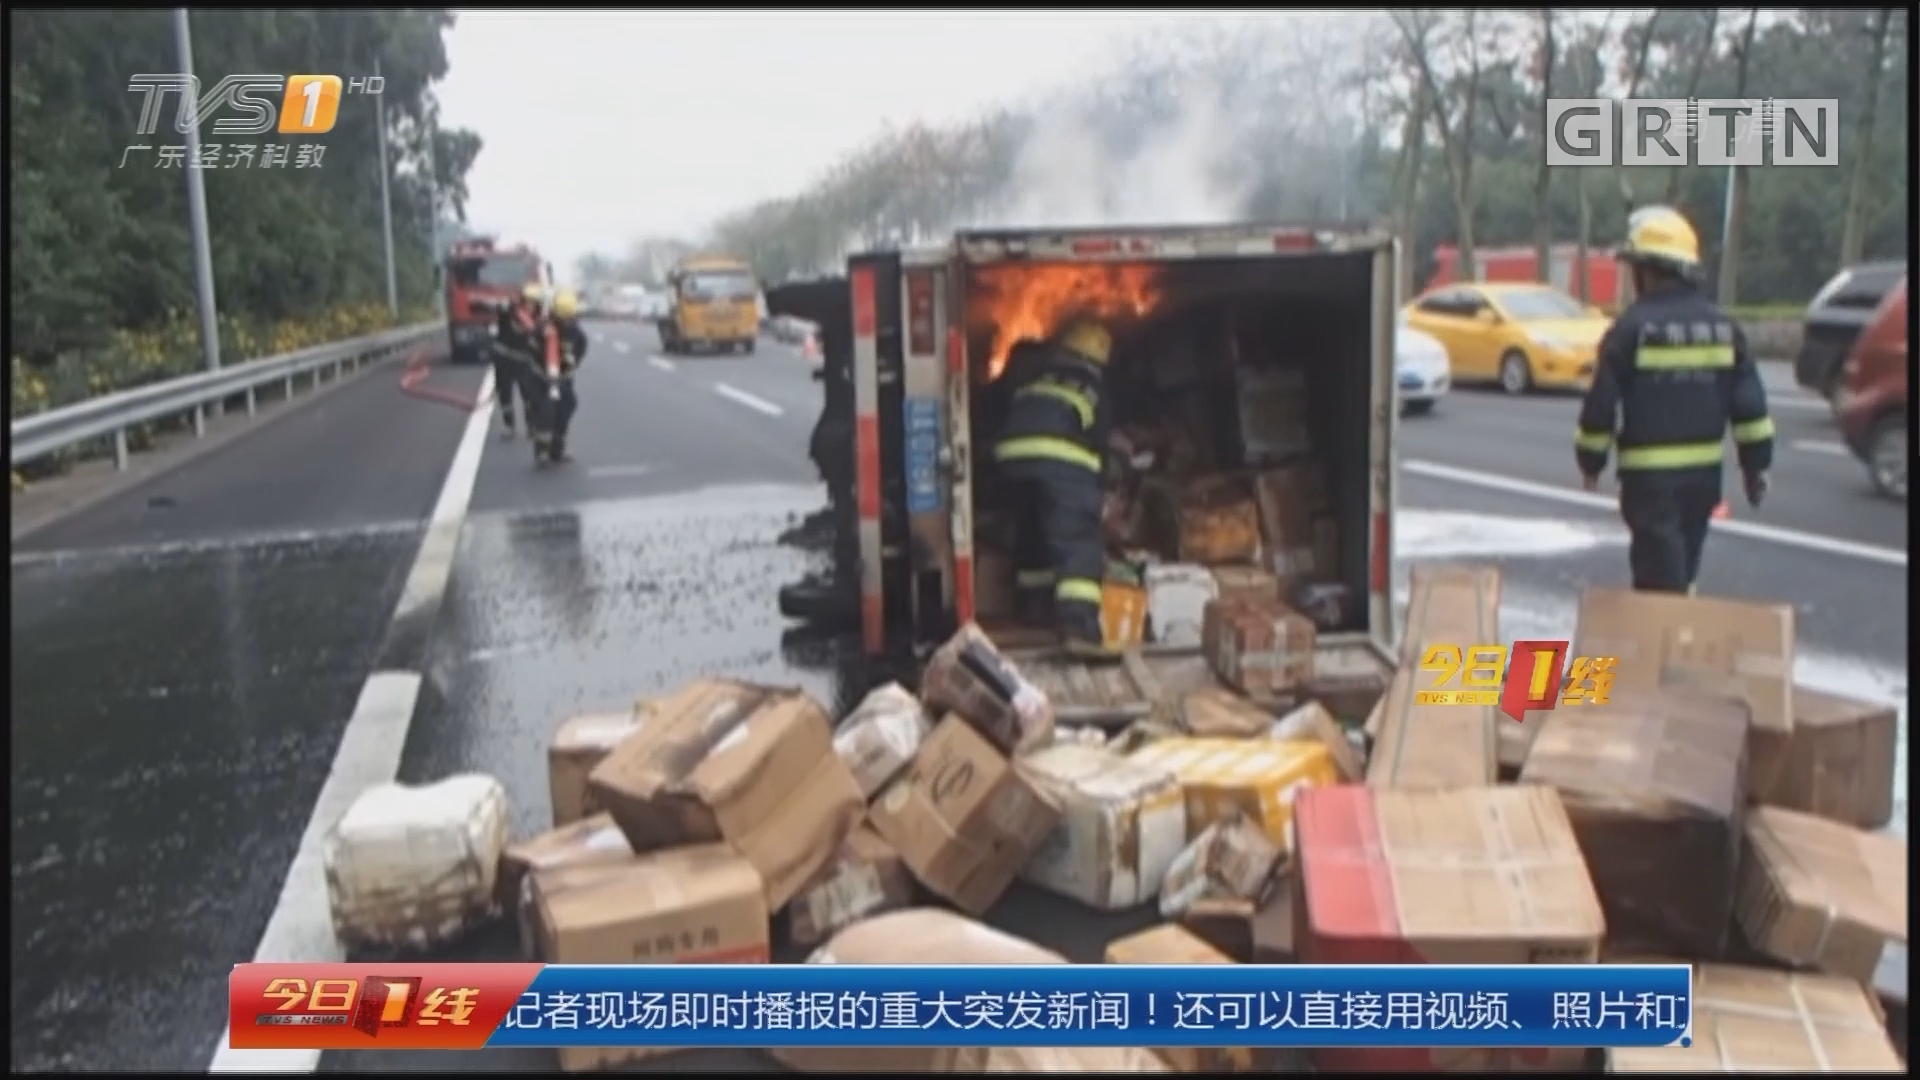 广州机场高速:货车侧翻起火 消防挽回近半快递